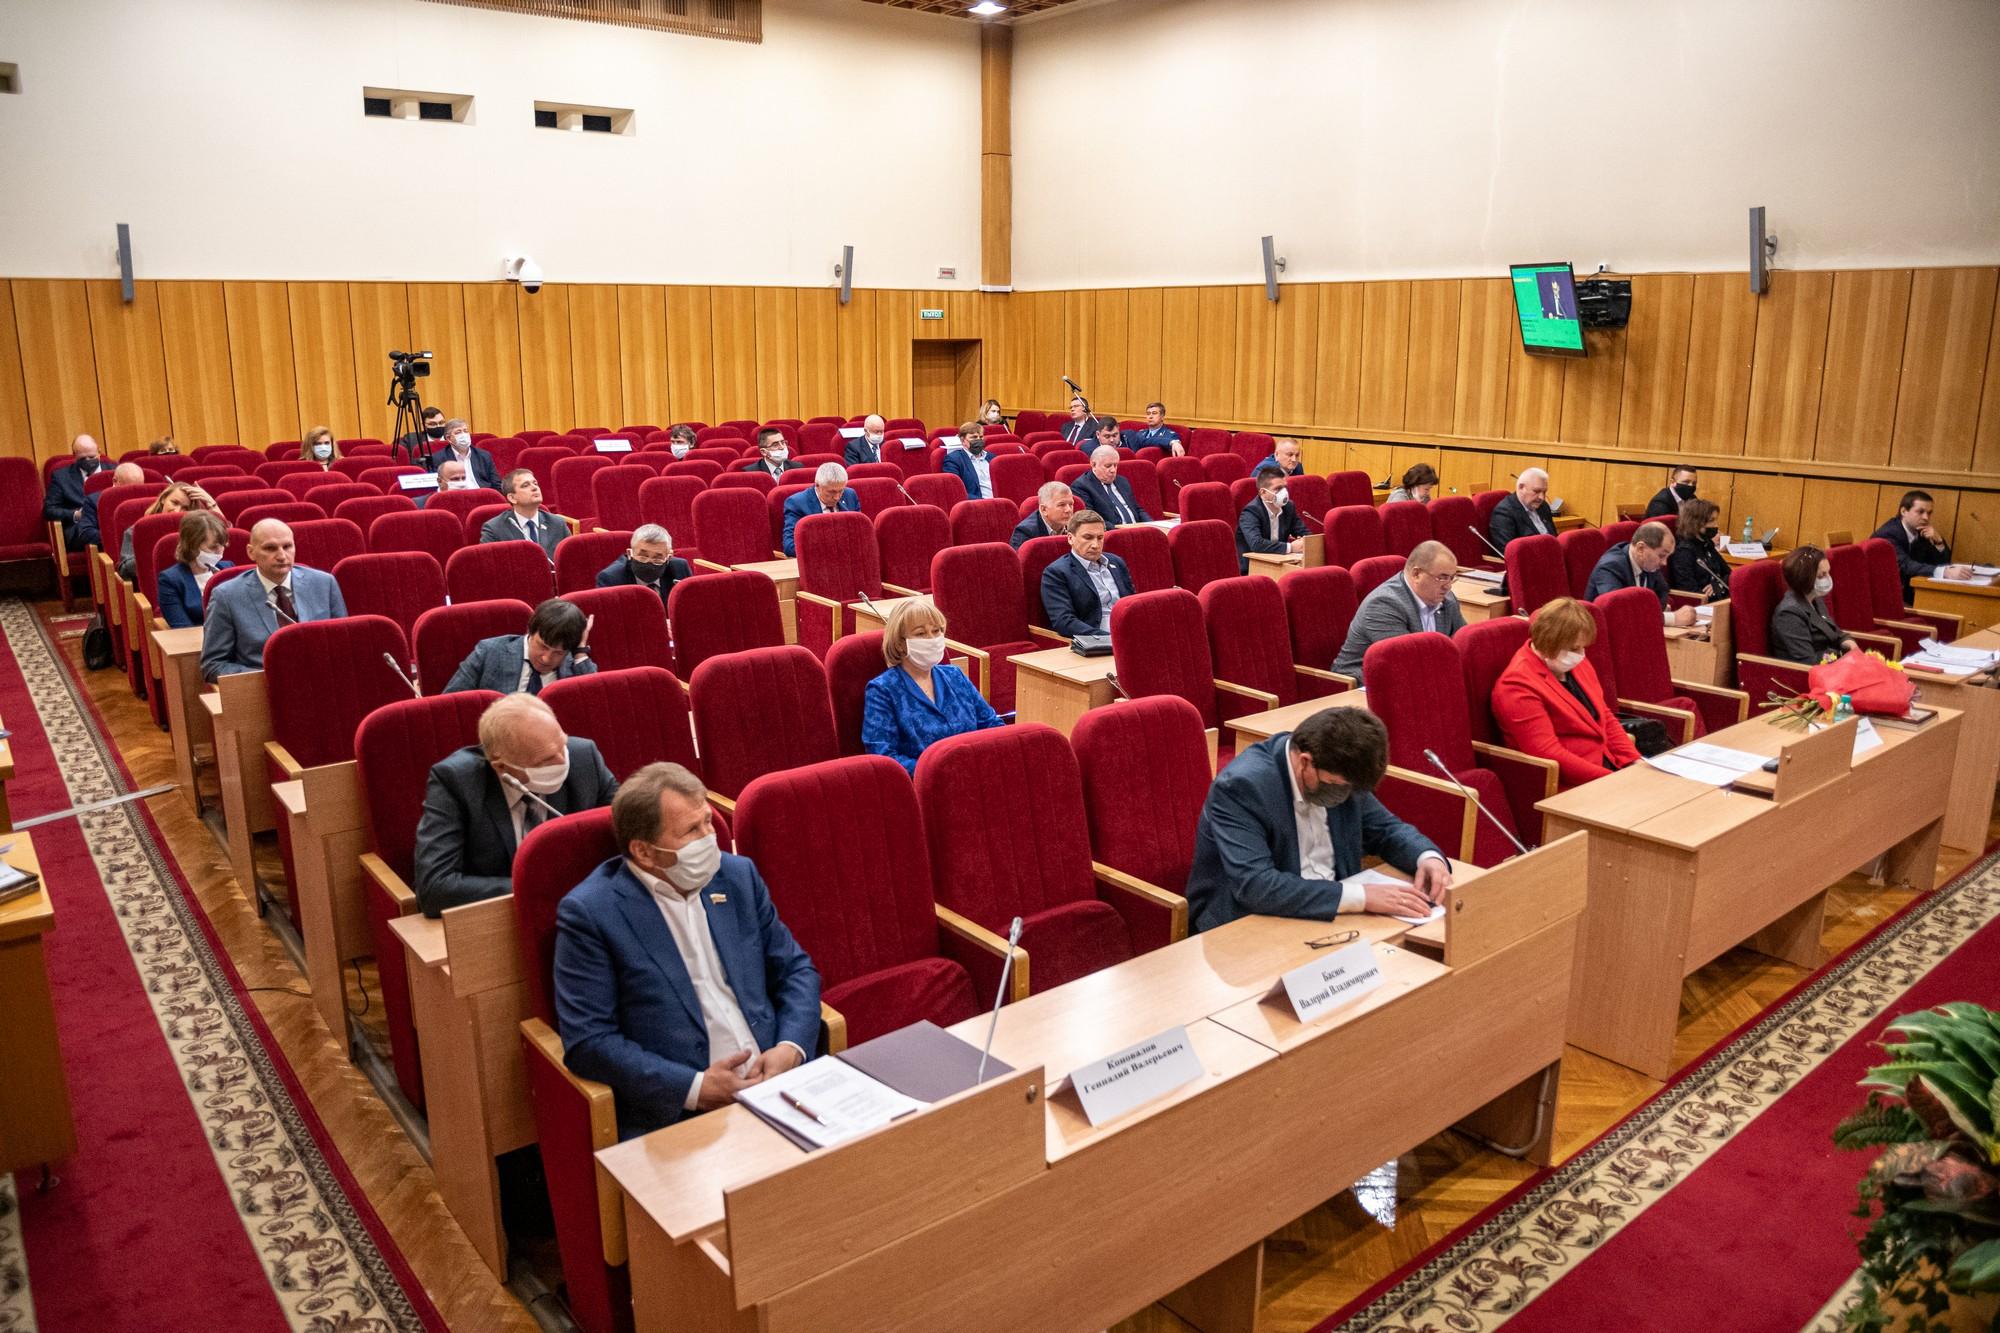 Парламентарии ЗакСа внесли предложение о сокращении платных должностей